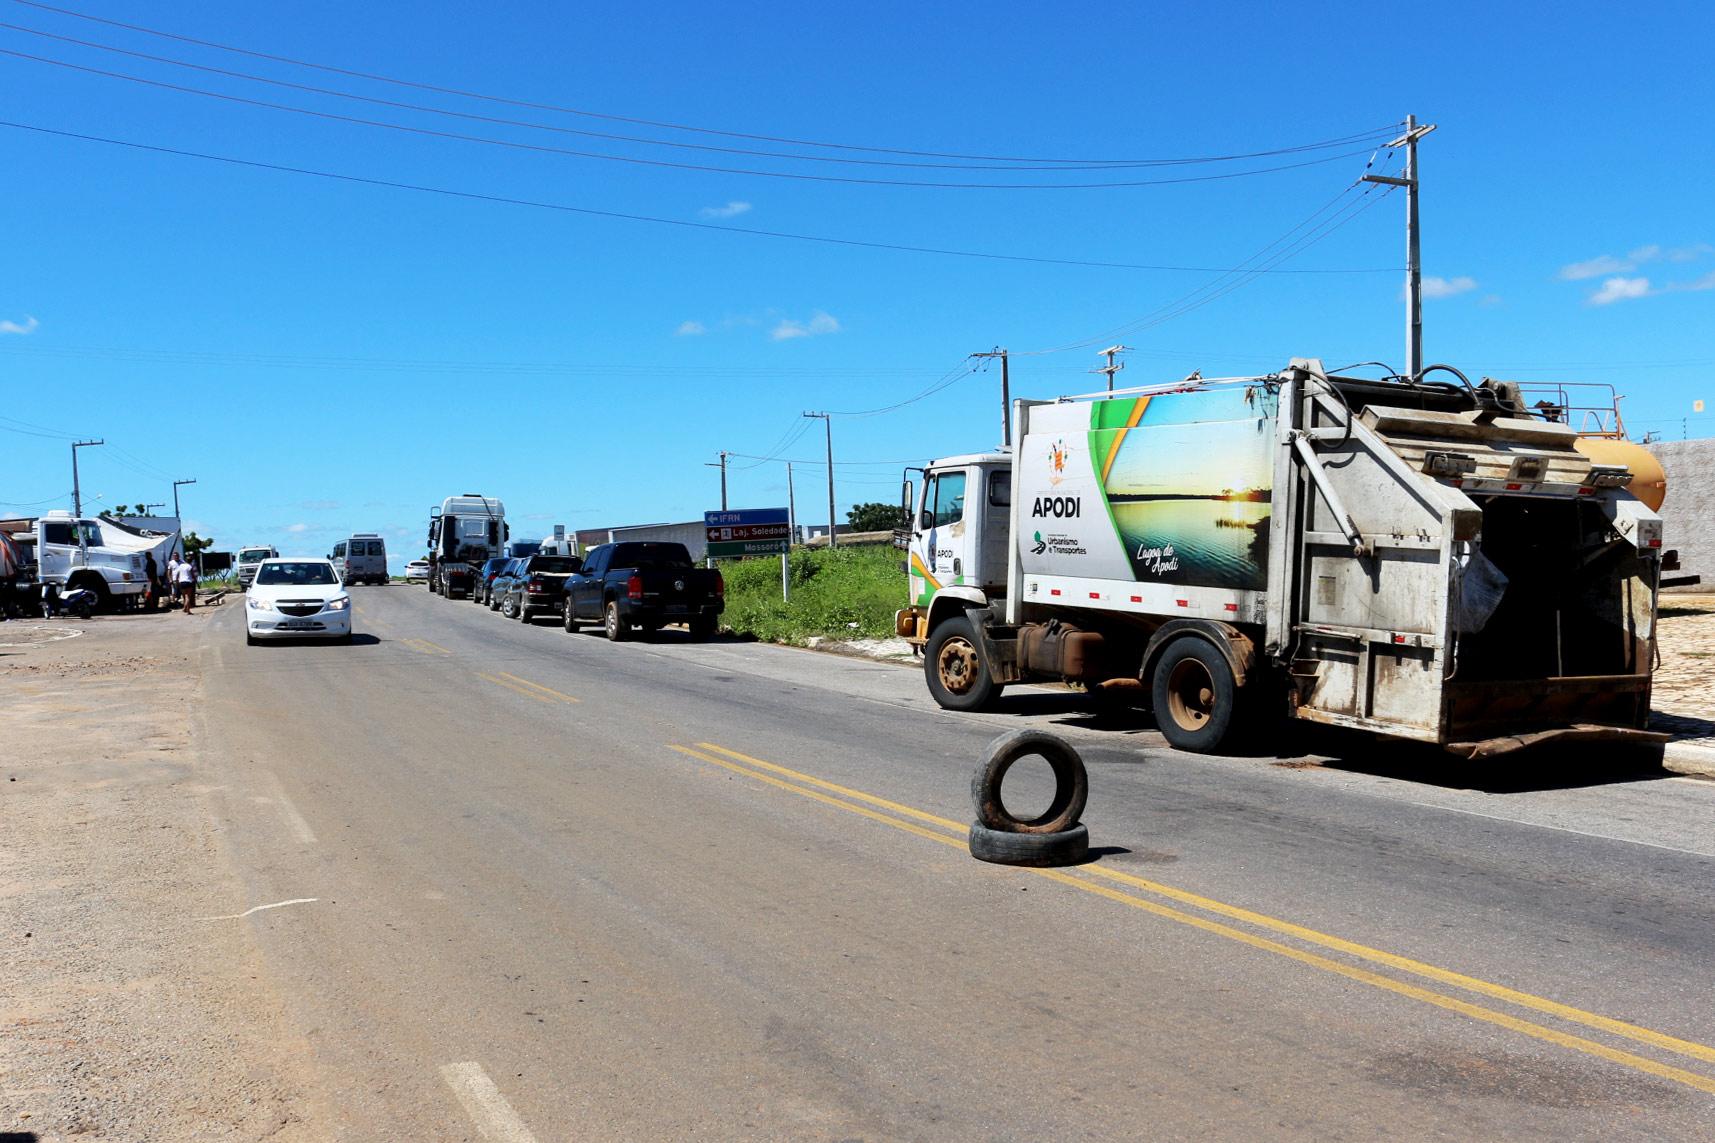 Bloqueio dos caminhoneiros impede que lixo de Apodi seja despejado no lixão